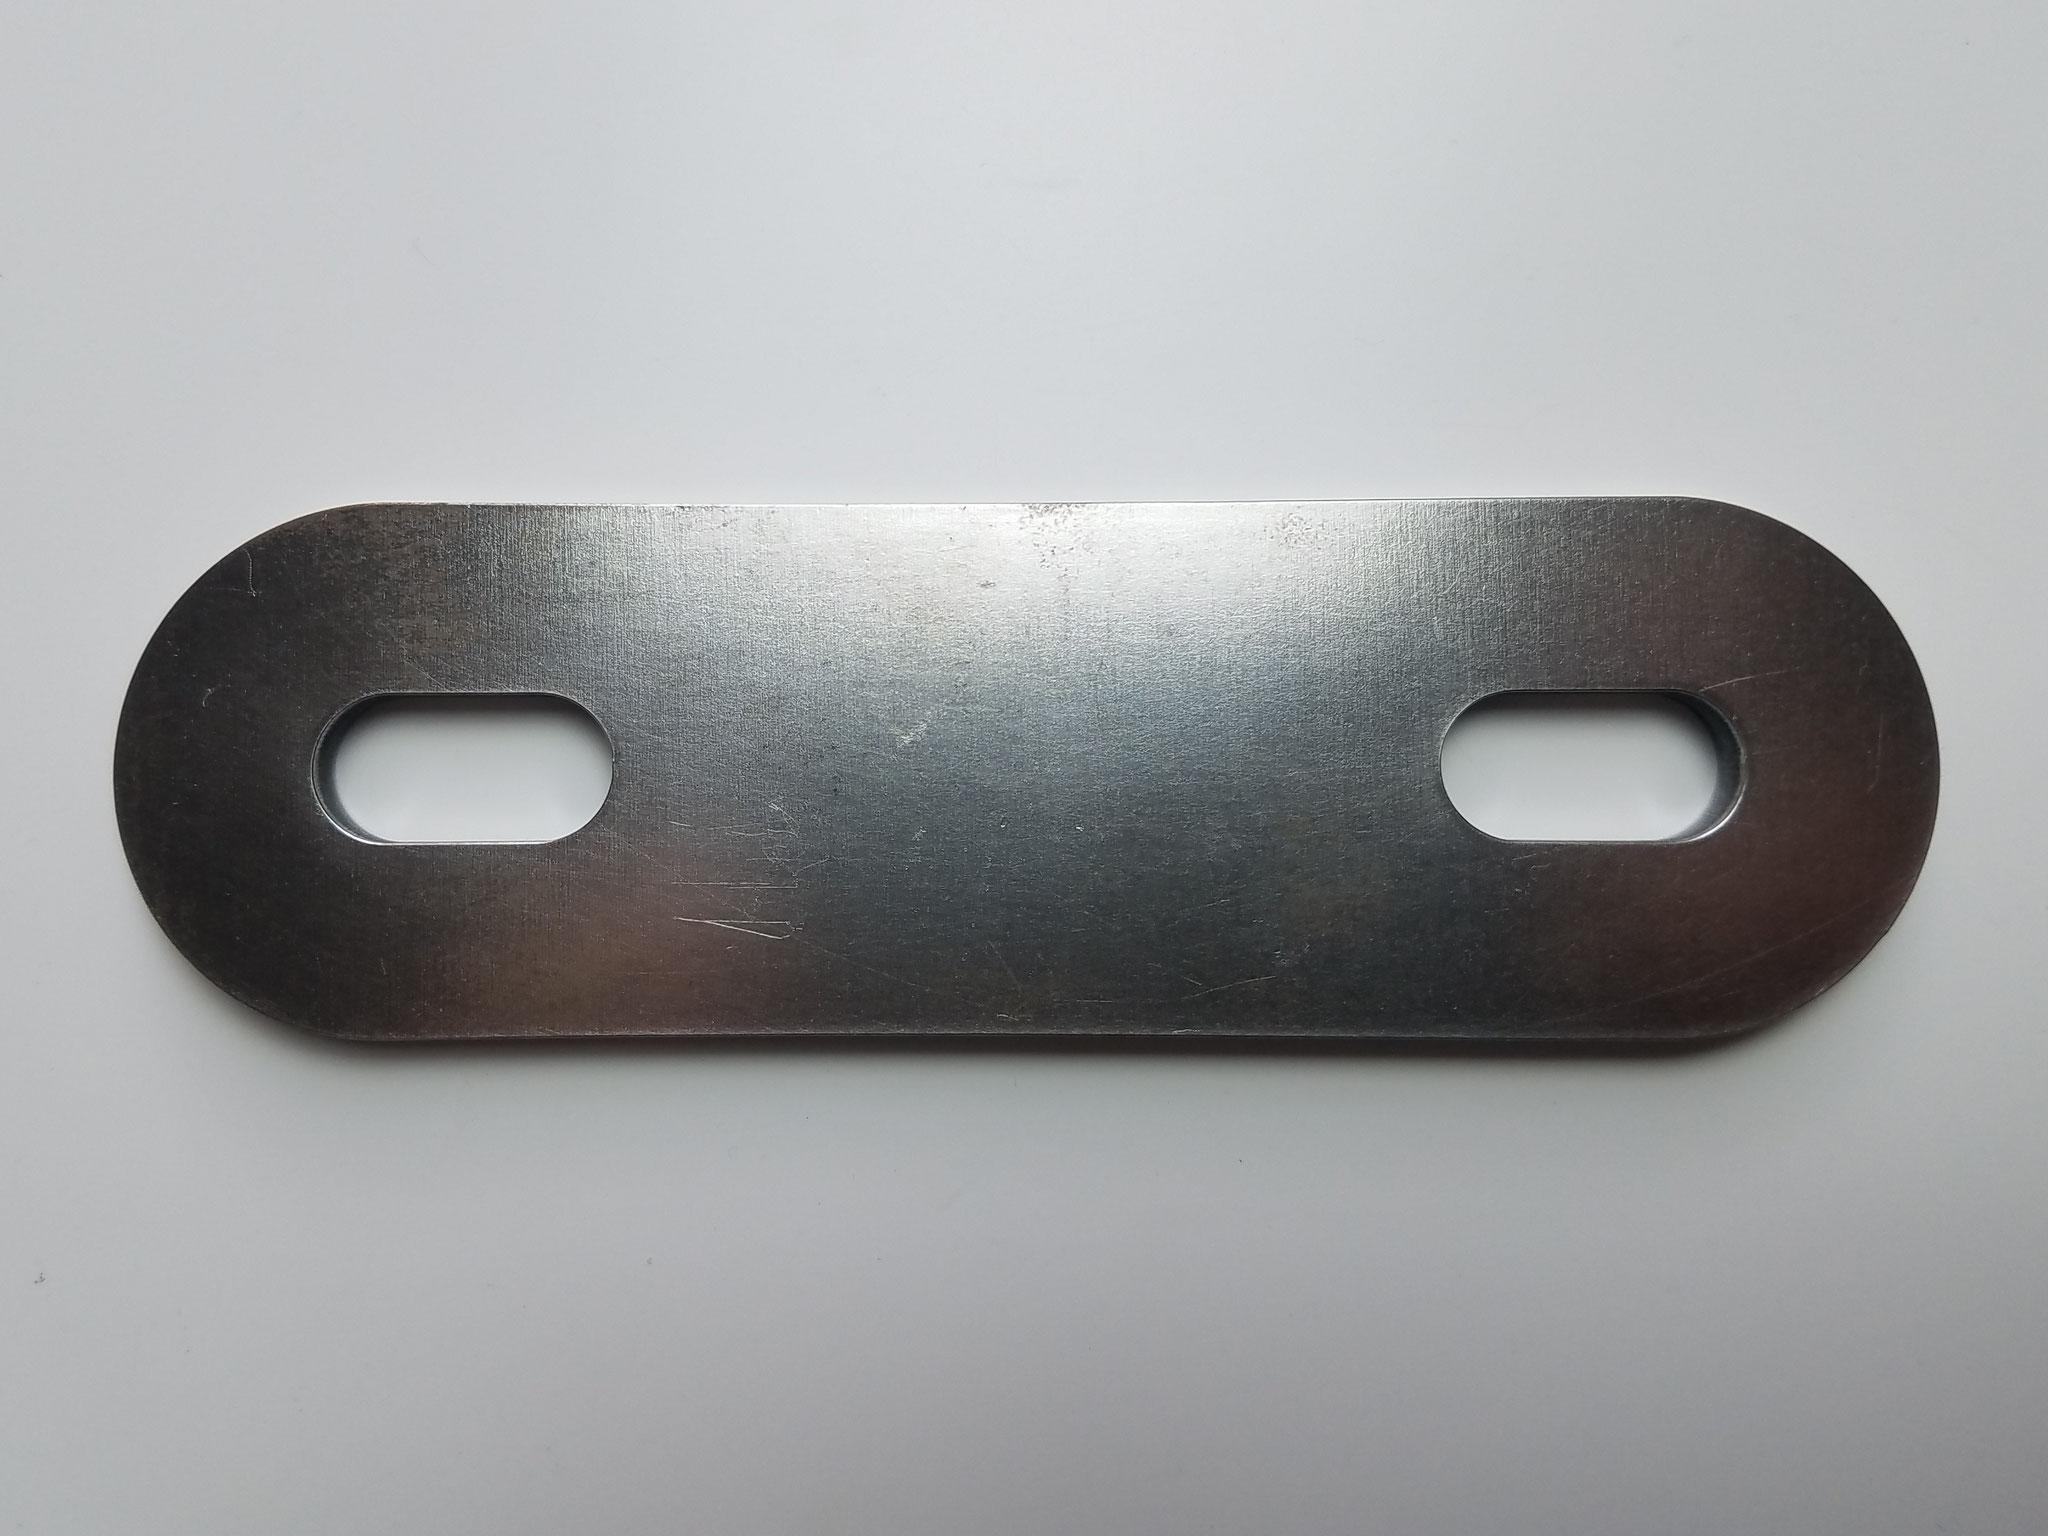 SS400 t=6㎜ 酸化被膜除去ディスクにて加工後、表面もきれいです。